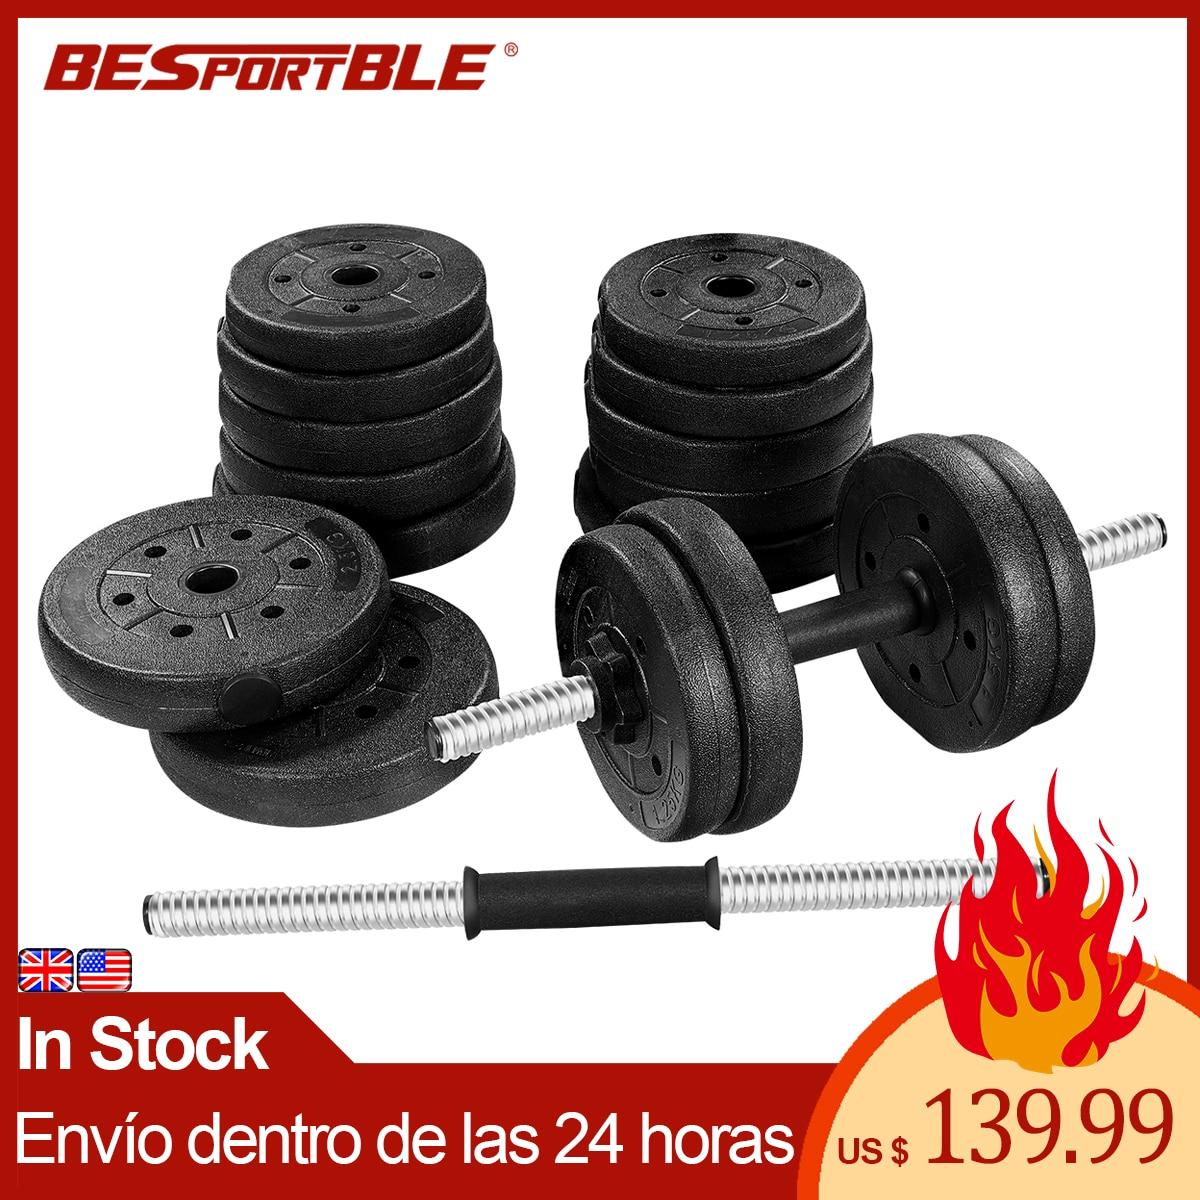 30kg Gewicht Hantel Set mancuernas Pesas Mit Pleuel Kann Gebrauch Als Barbell für Männer Umweltfreundliche Abnehmbare Ausrüstung